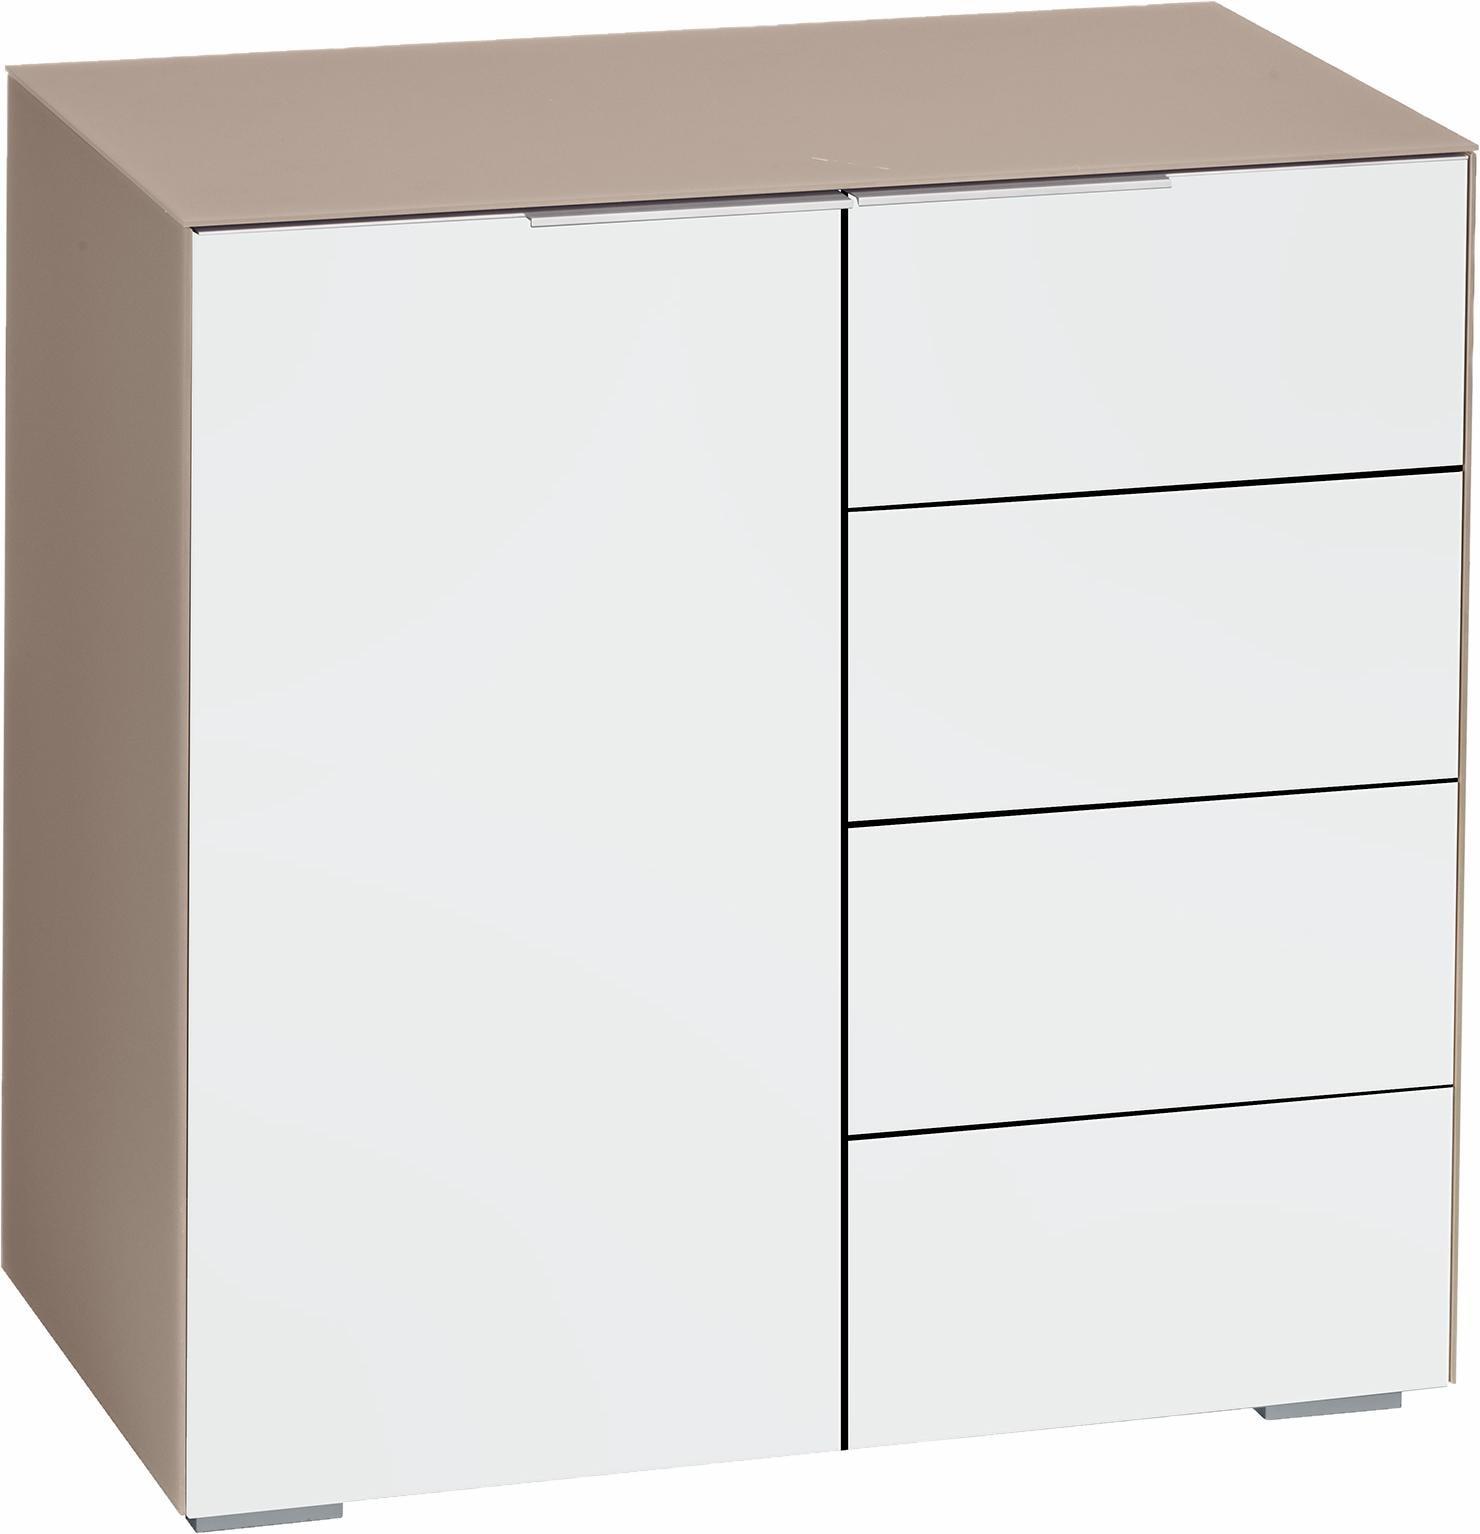 Maja Mobel Best 7210 Kommode Breite 80 Cm Moebel Suchmaschine